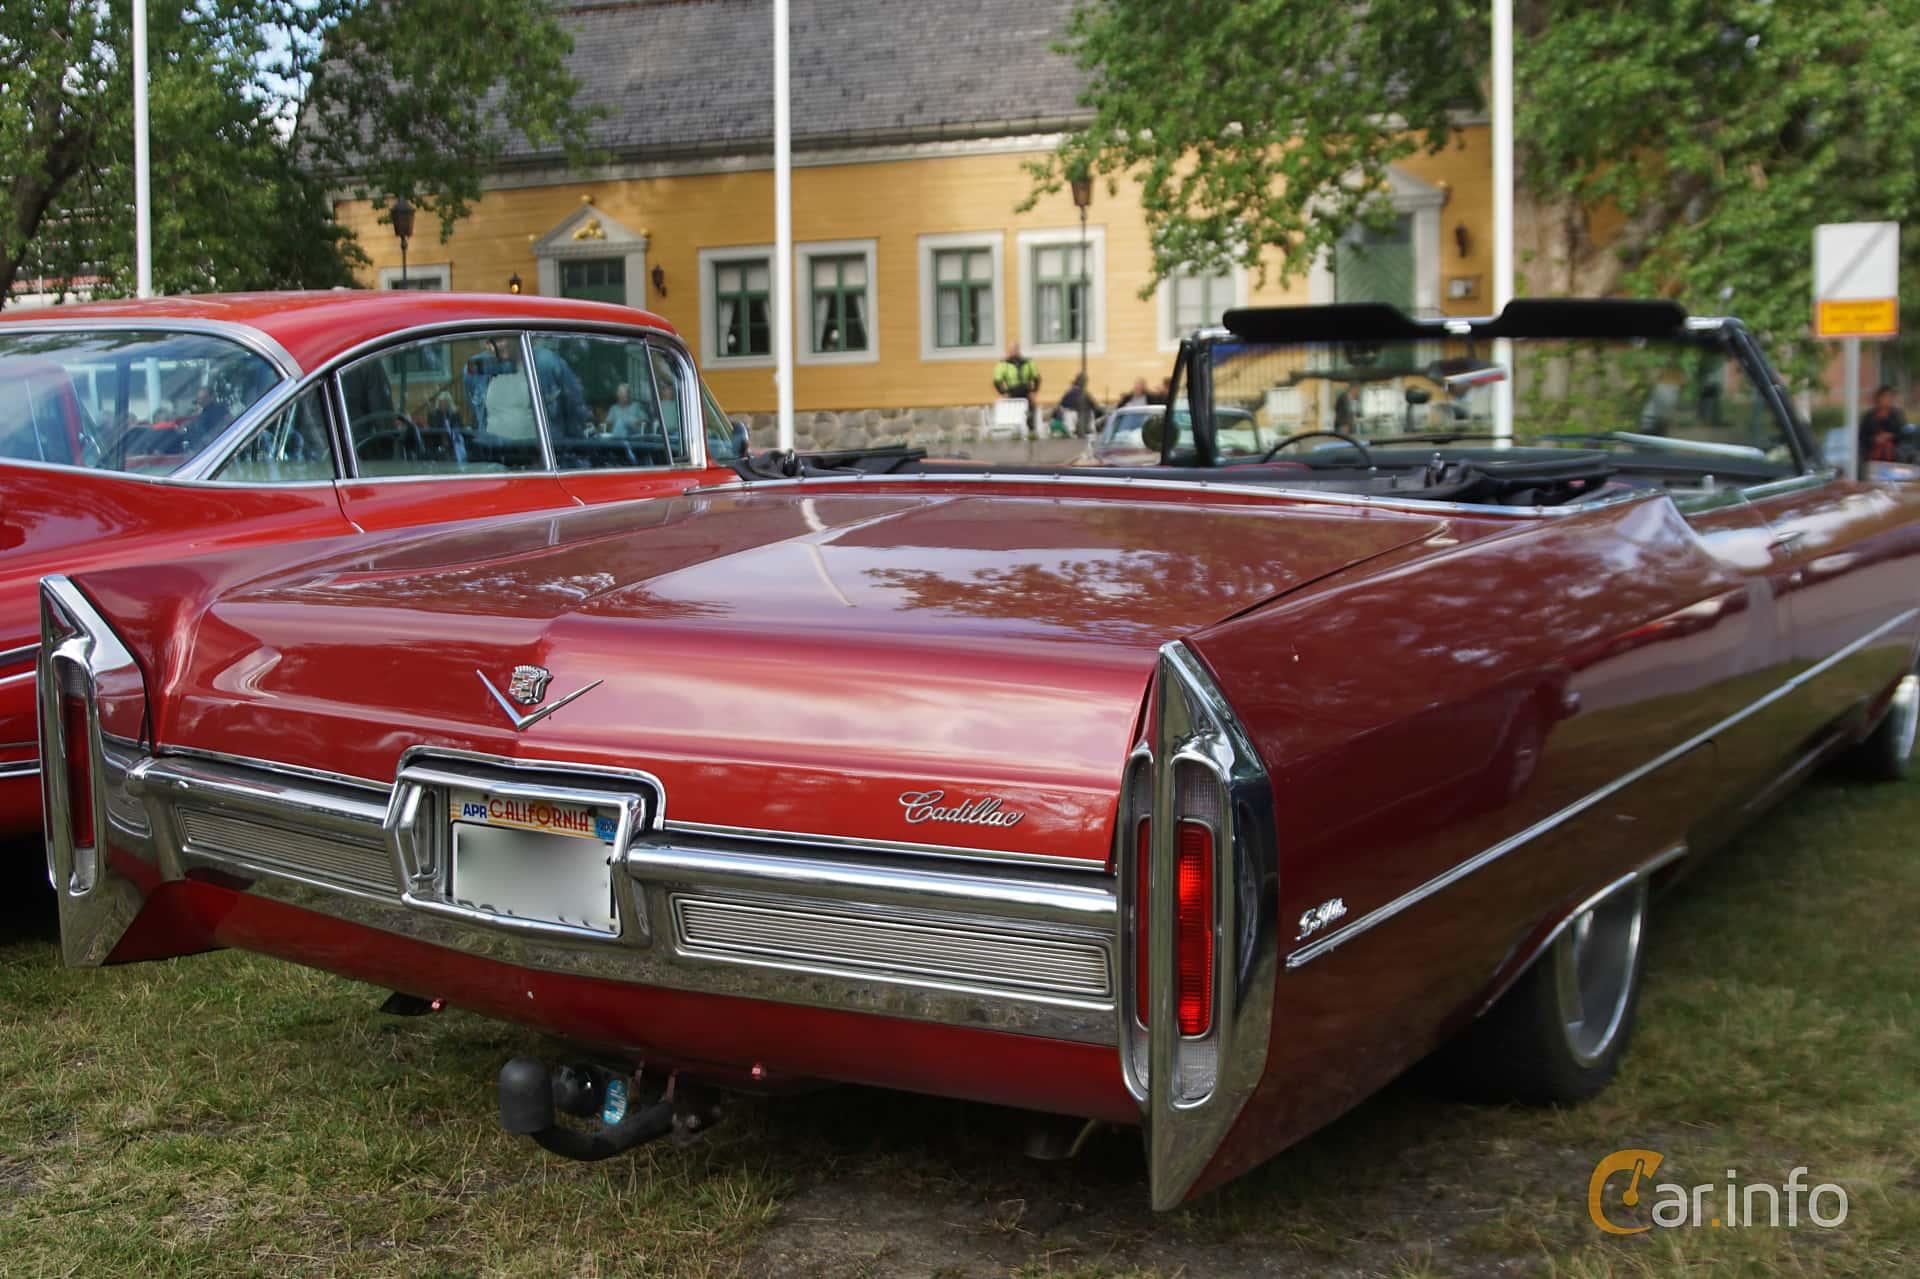 Back/Side of Cadillac De Ville Convertible 7.0 V8 OHV Hydra-Matic, 345ps, 1966 at Onsdagsträffar på Gammlia Umeå 2019 vecka 33